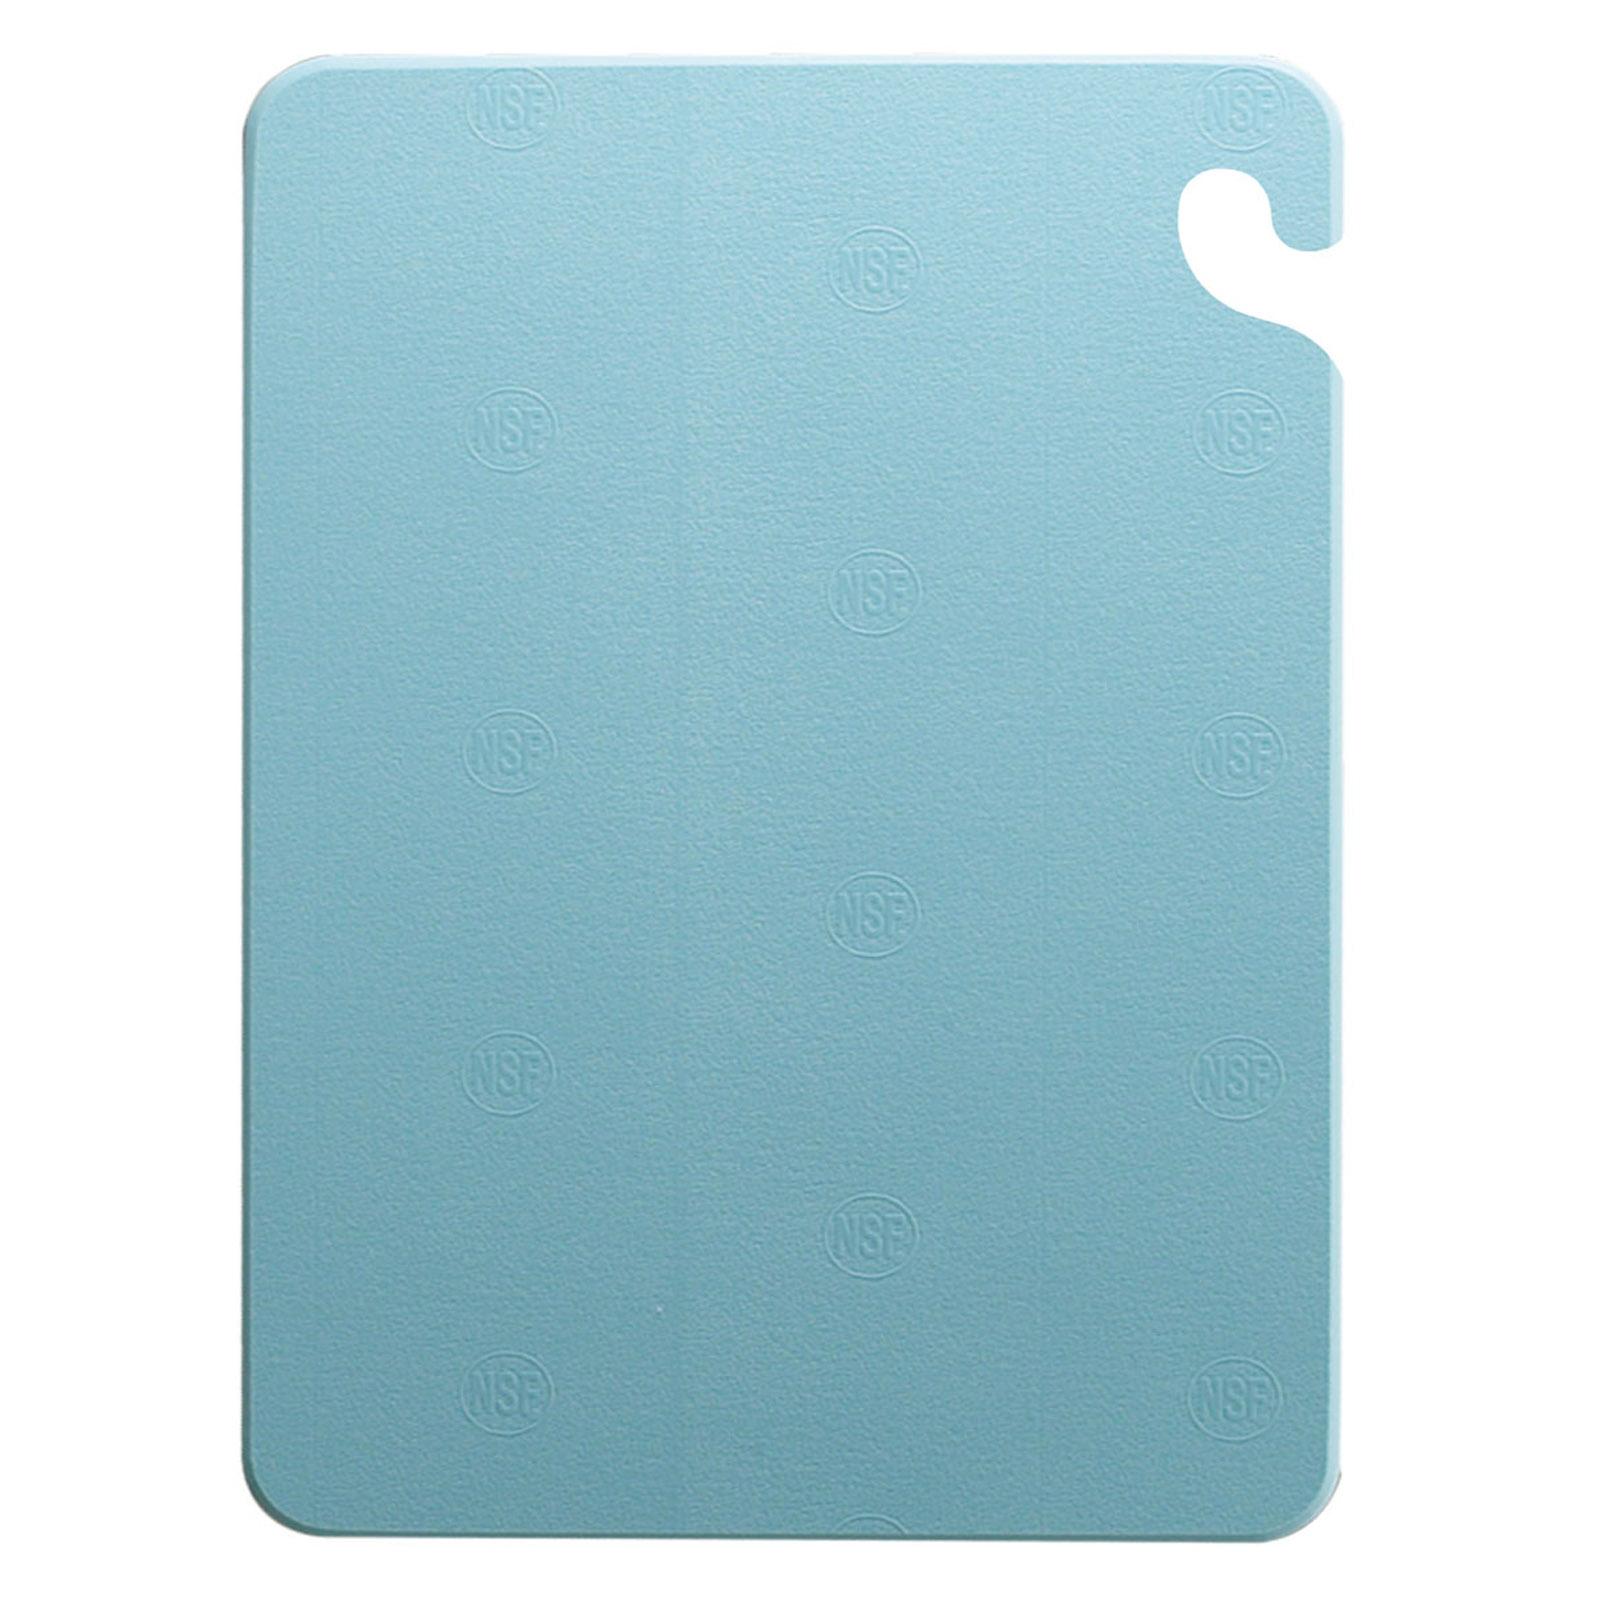 San Jamar CB121812BL cutting board, plastic